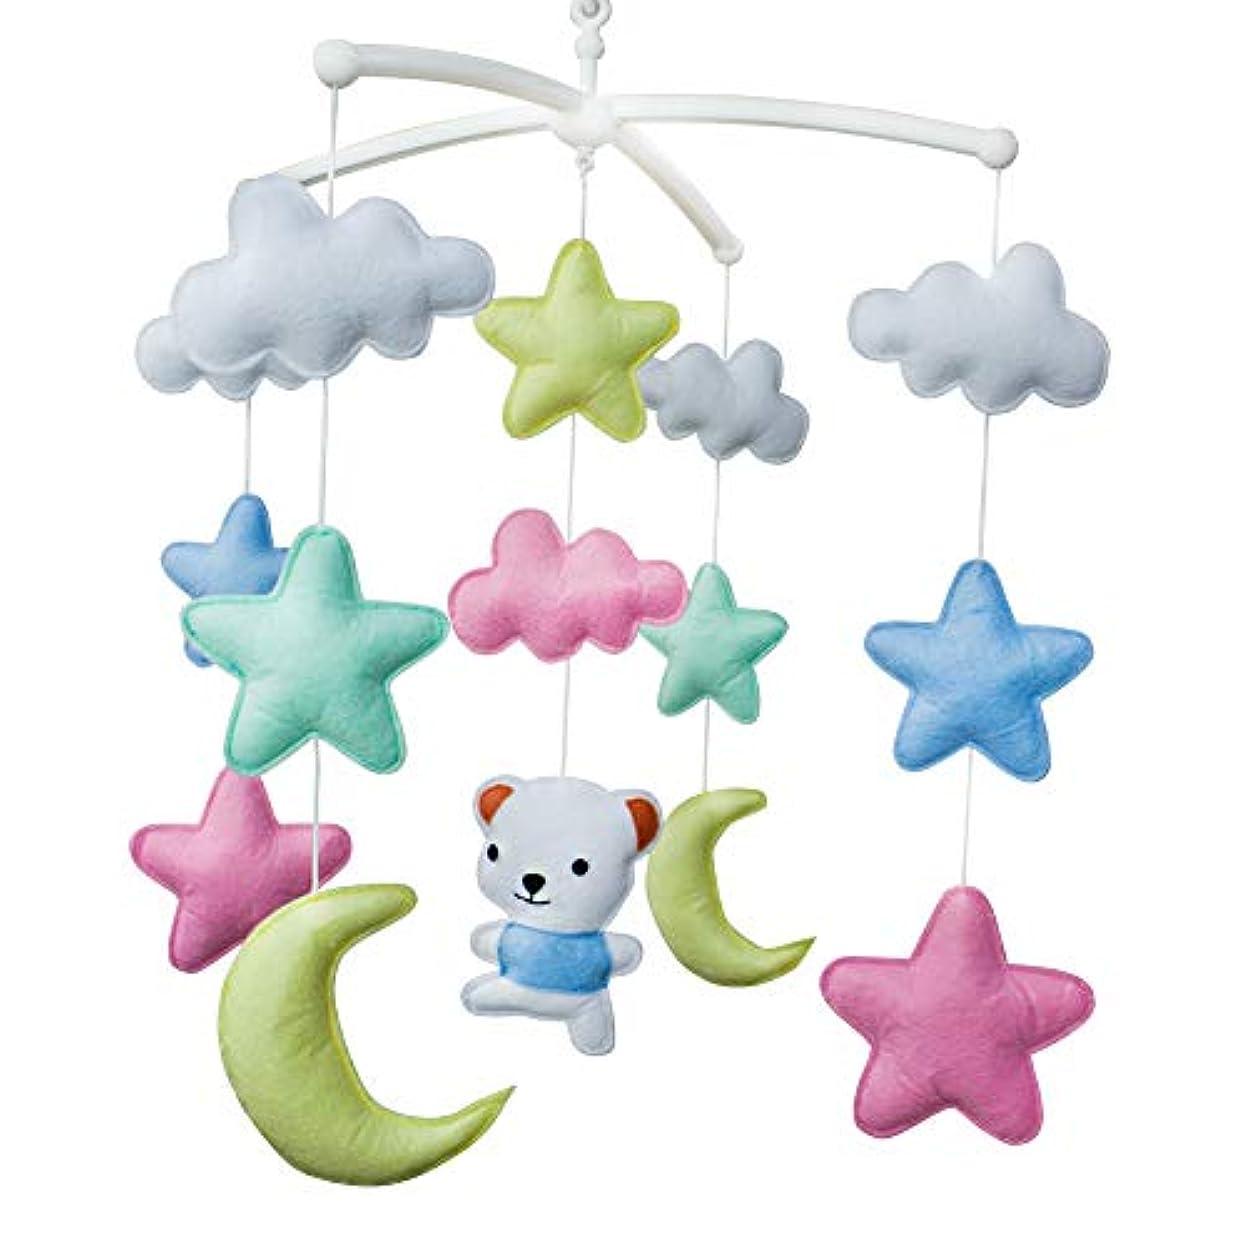 柔らかい非常に猫背手作りのカラフルなスタームーンベア赤ちゃんベビーベッドモバイル保育室の装飾ミュージカルモバイルベビーベッドのおもちゃ男の子